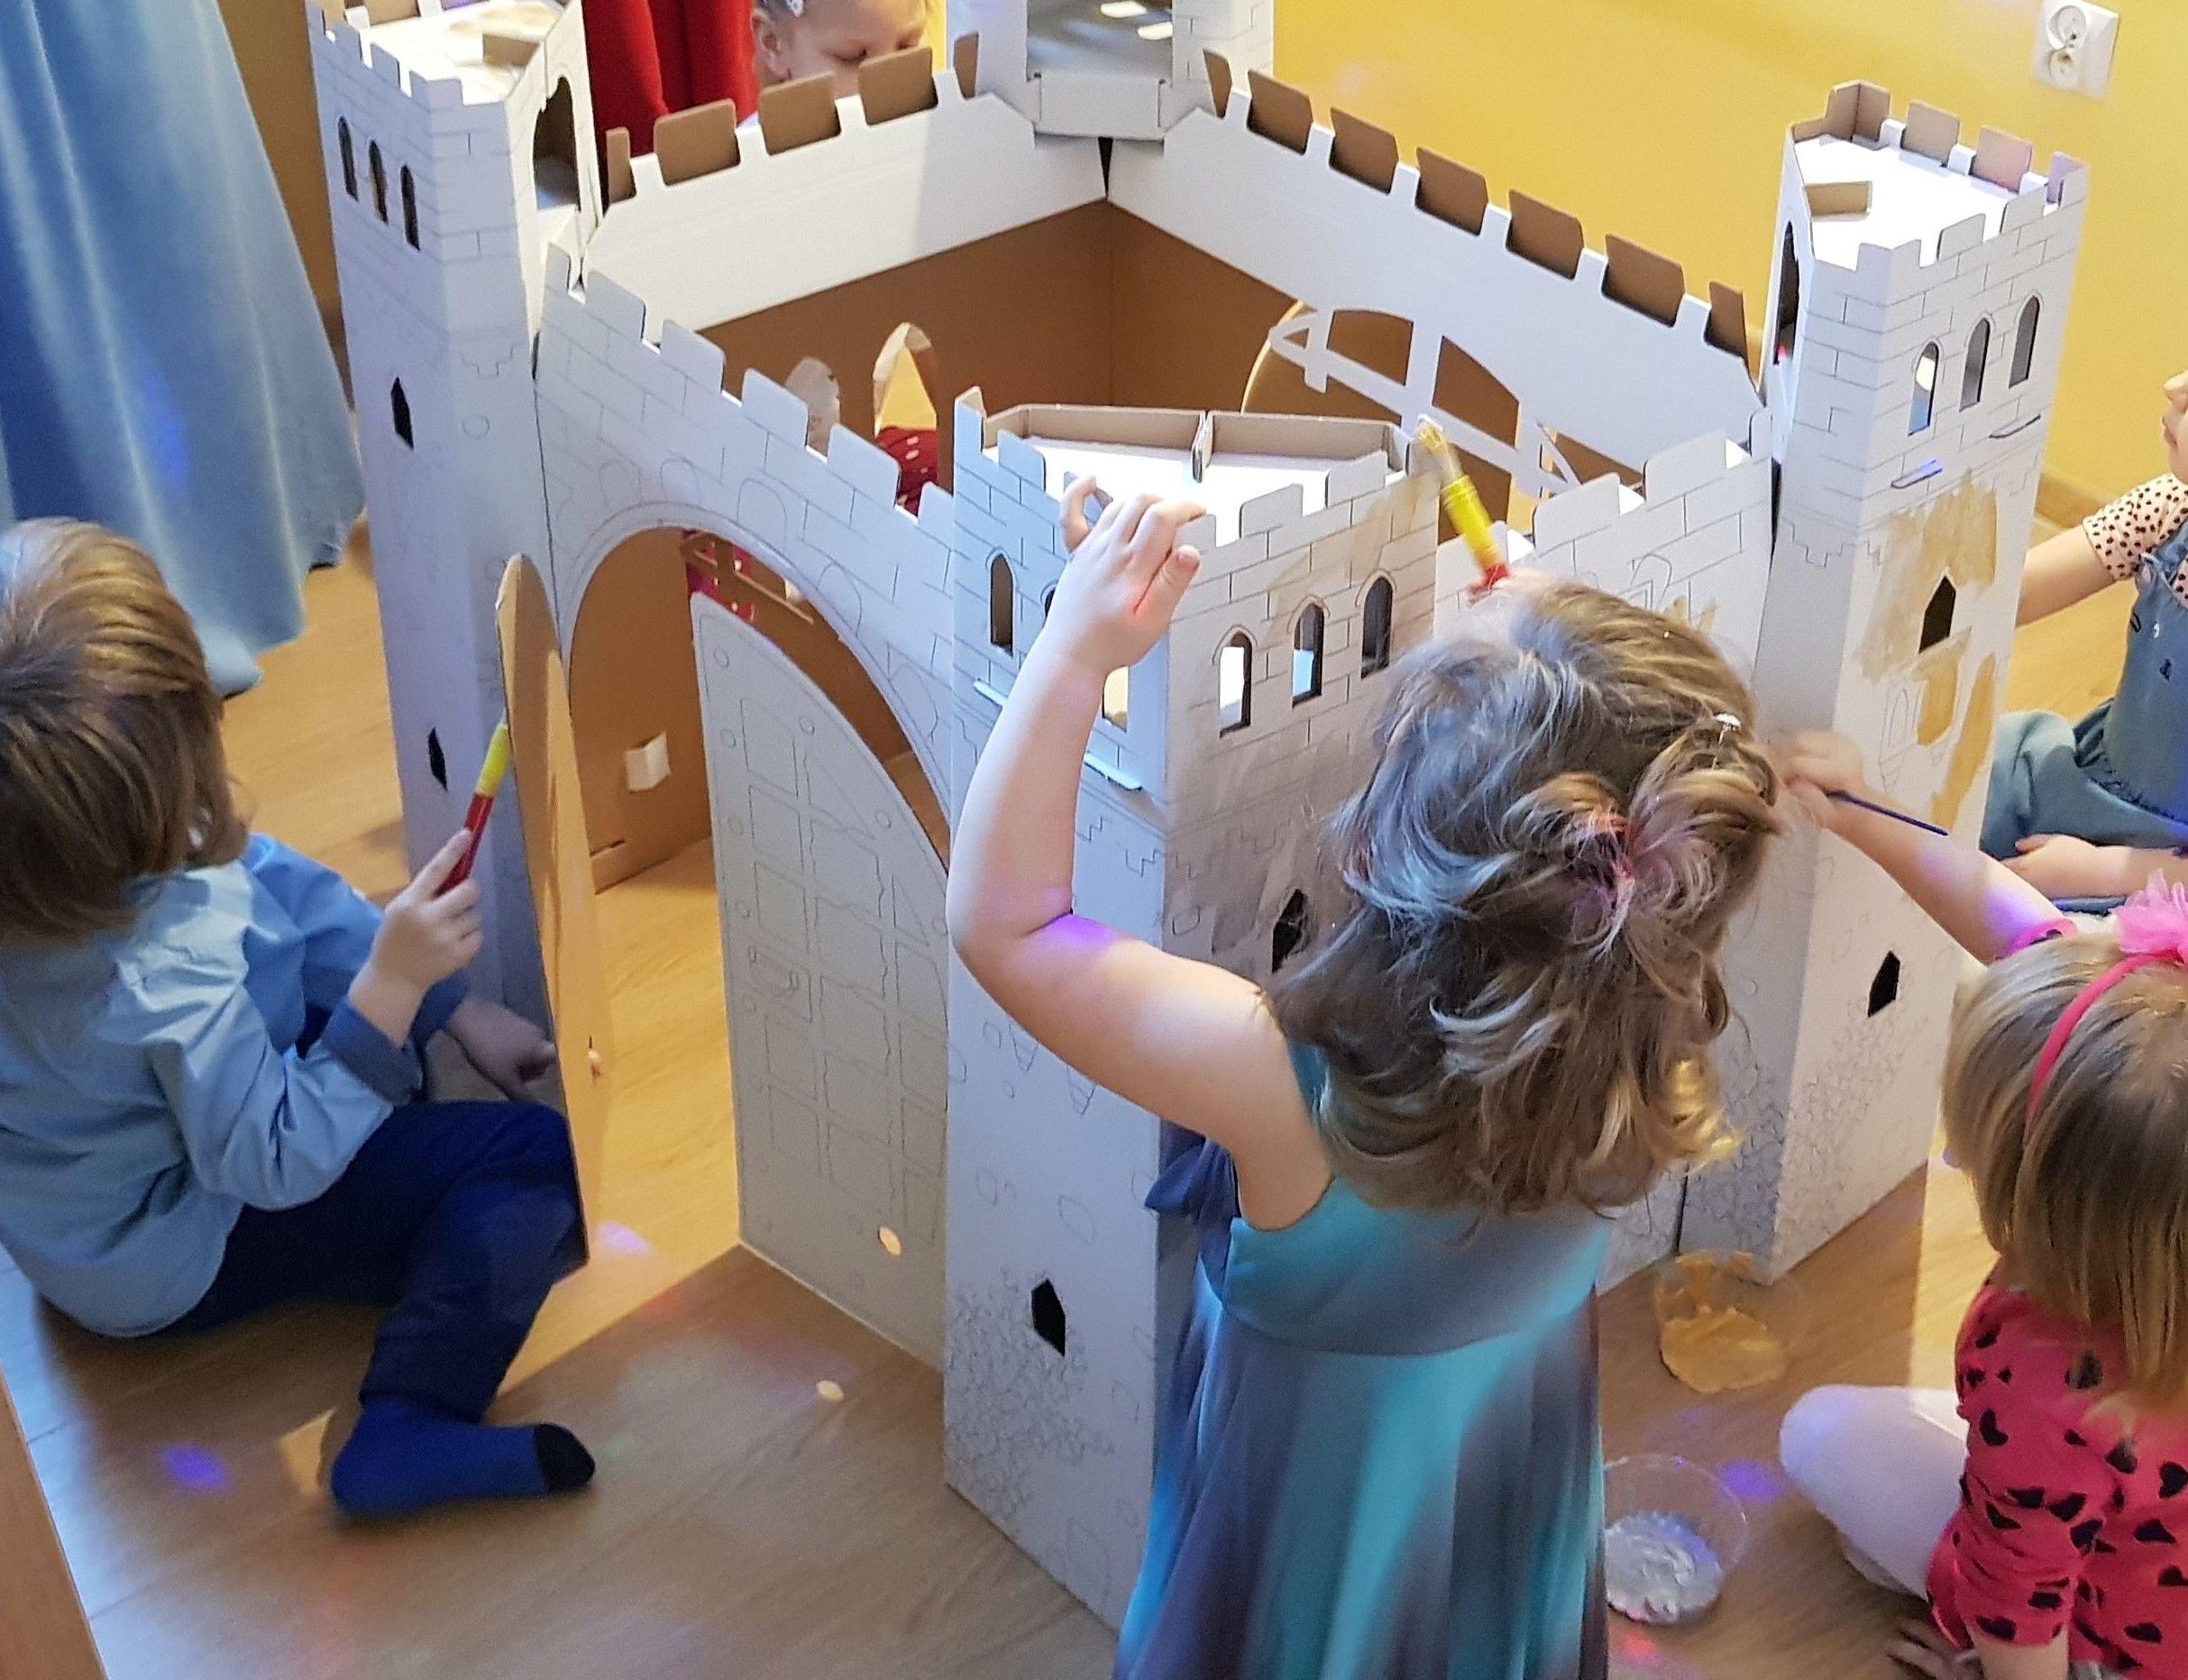 Tematyczne Przyjecie Urodzinowe Urodziny W Krainie Lodu Budowa Zamku W Arendel Zabawa Scenariuszowa W Krainie Lodu Tematyczne With Images Urodziny Dzieci Przyjecia